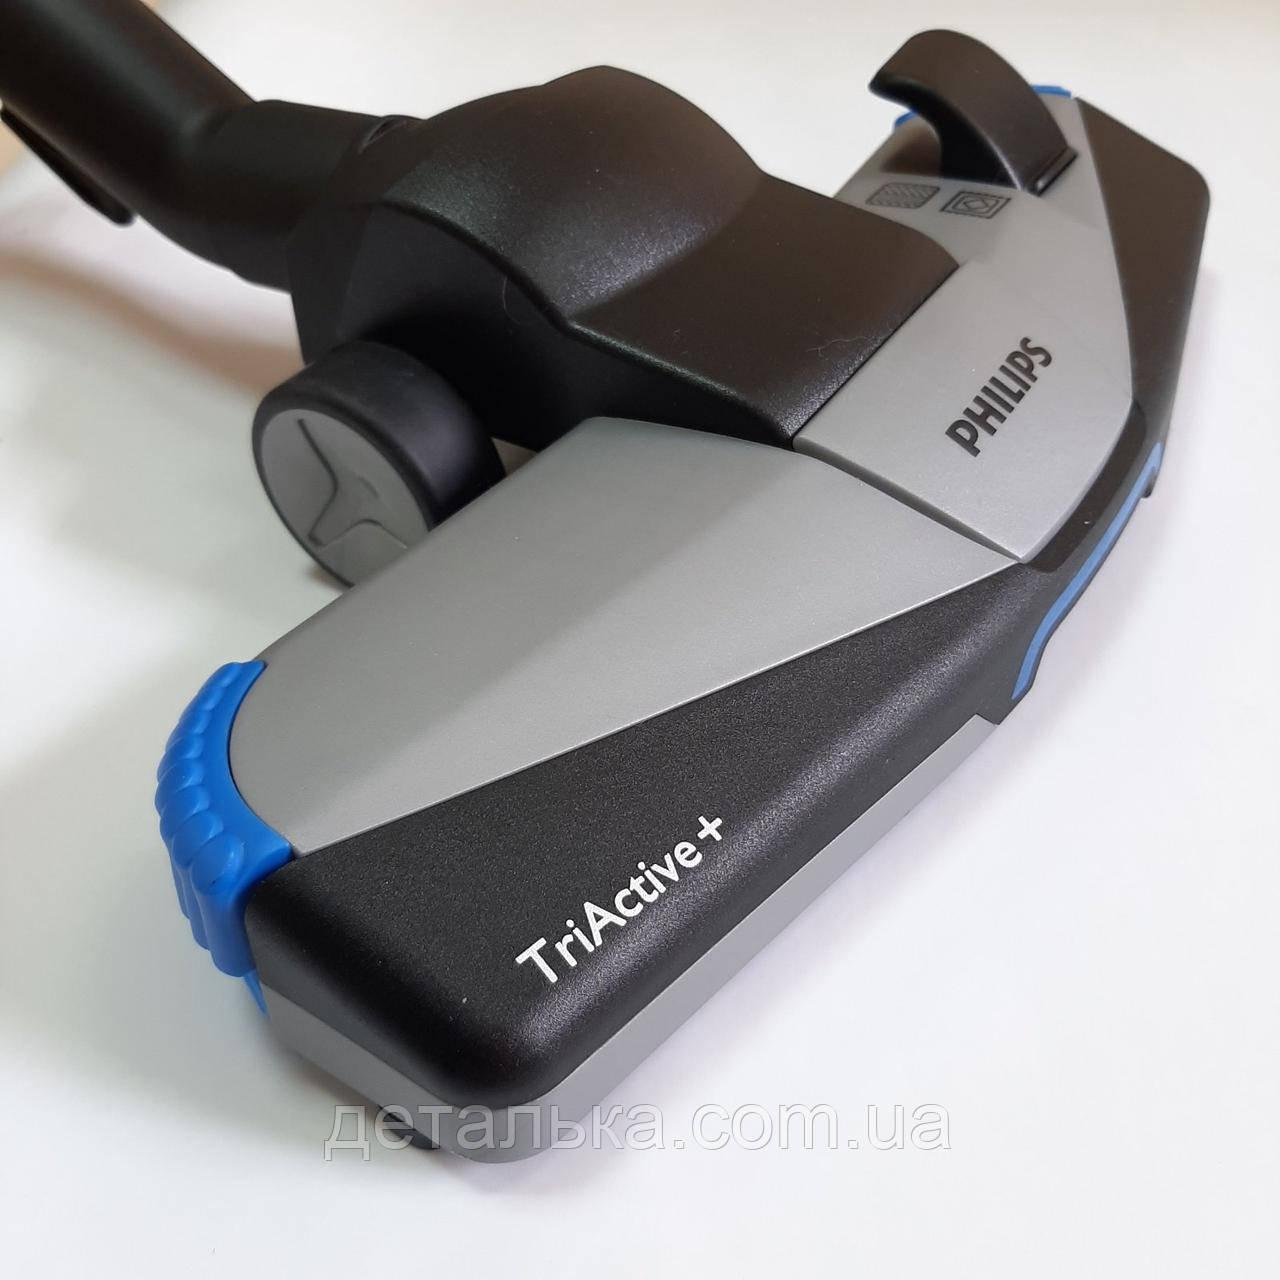 Щетка для пылесоса Philips Tri-active для FC9555